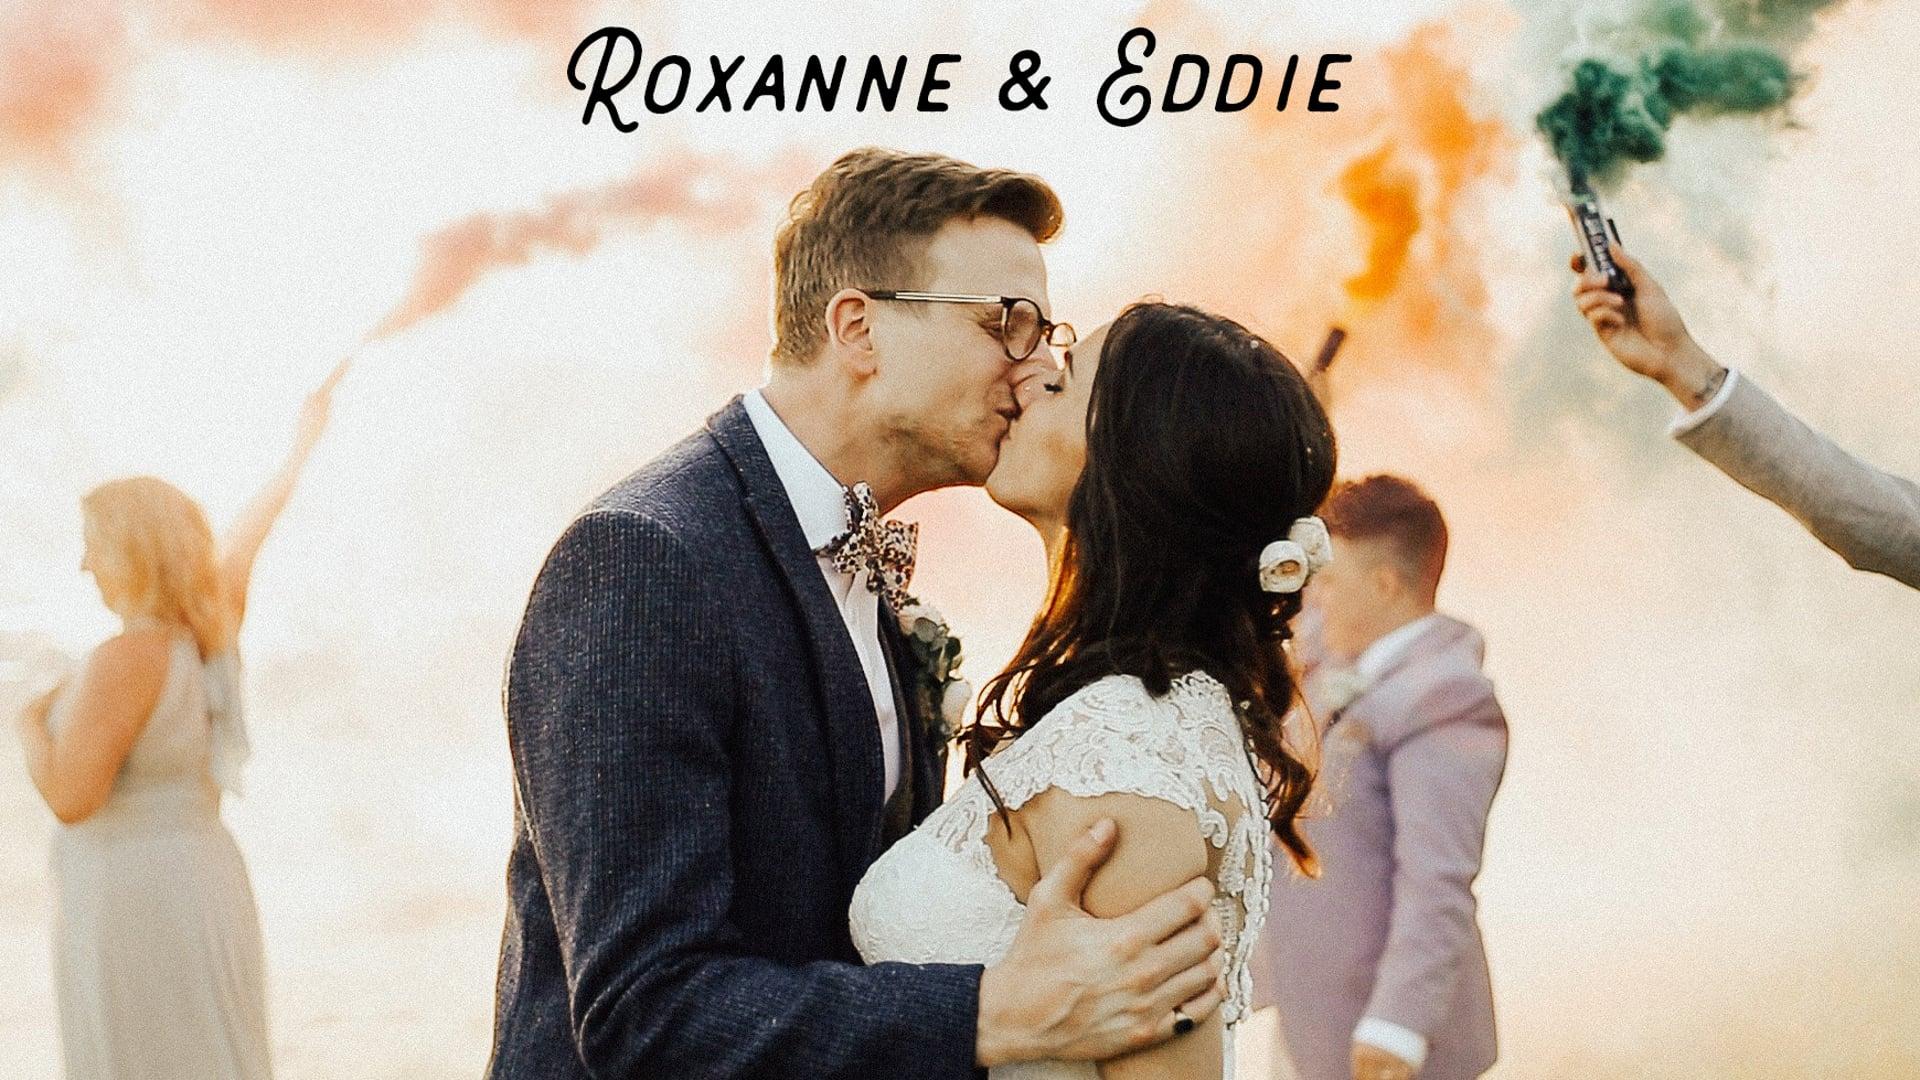 Roxanne & Eddie